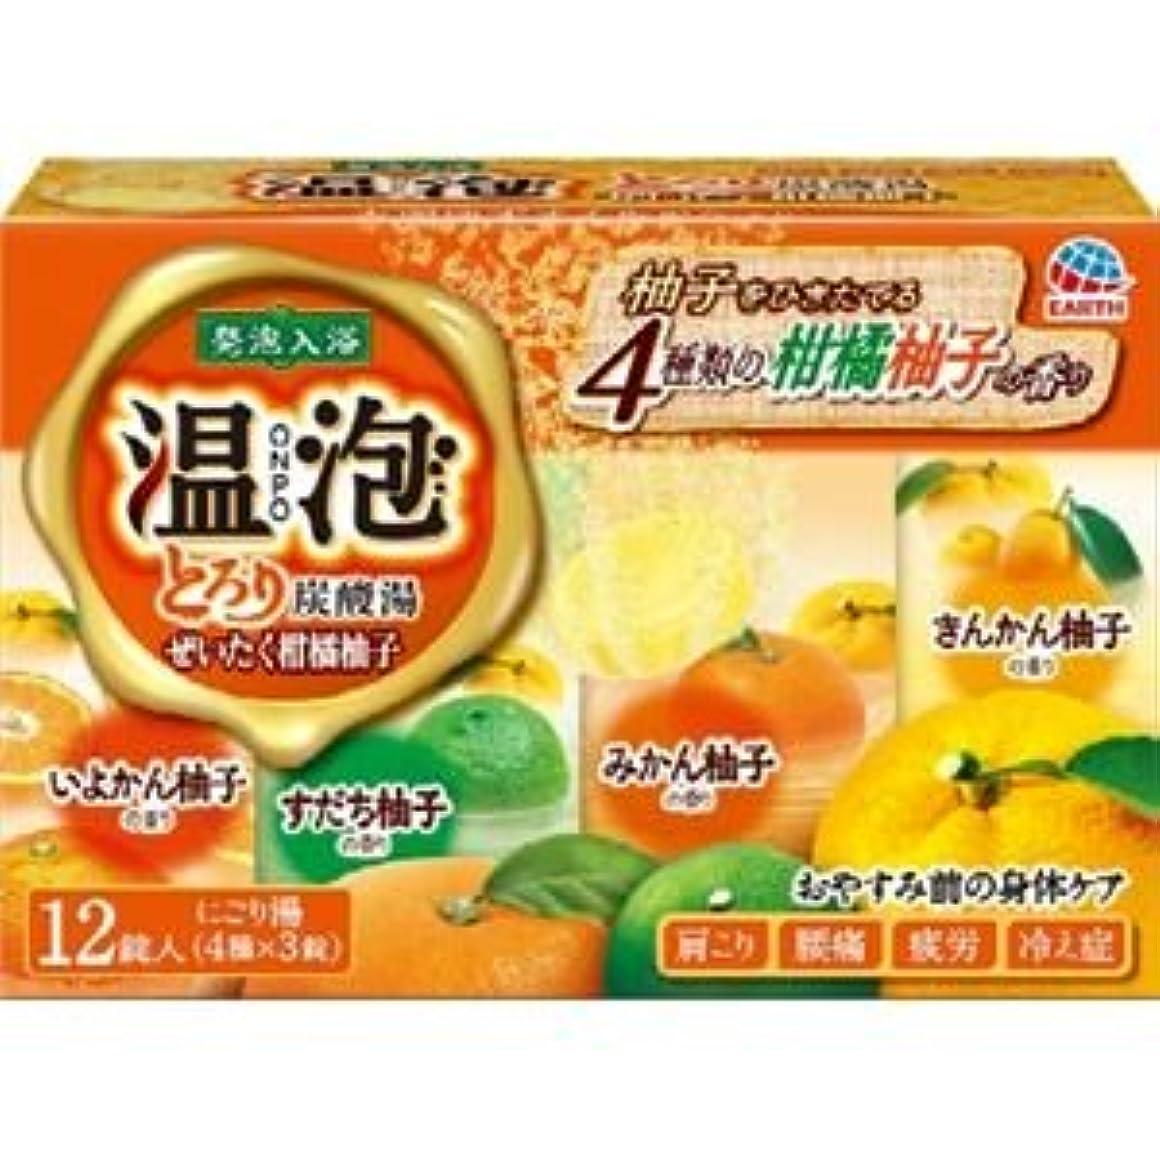 鉄反発アプライアンス(まとめ)アース製薬 温泡とろり炭酸湯ぜいたく柑橘柚子12錠入 【×3点セット】